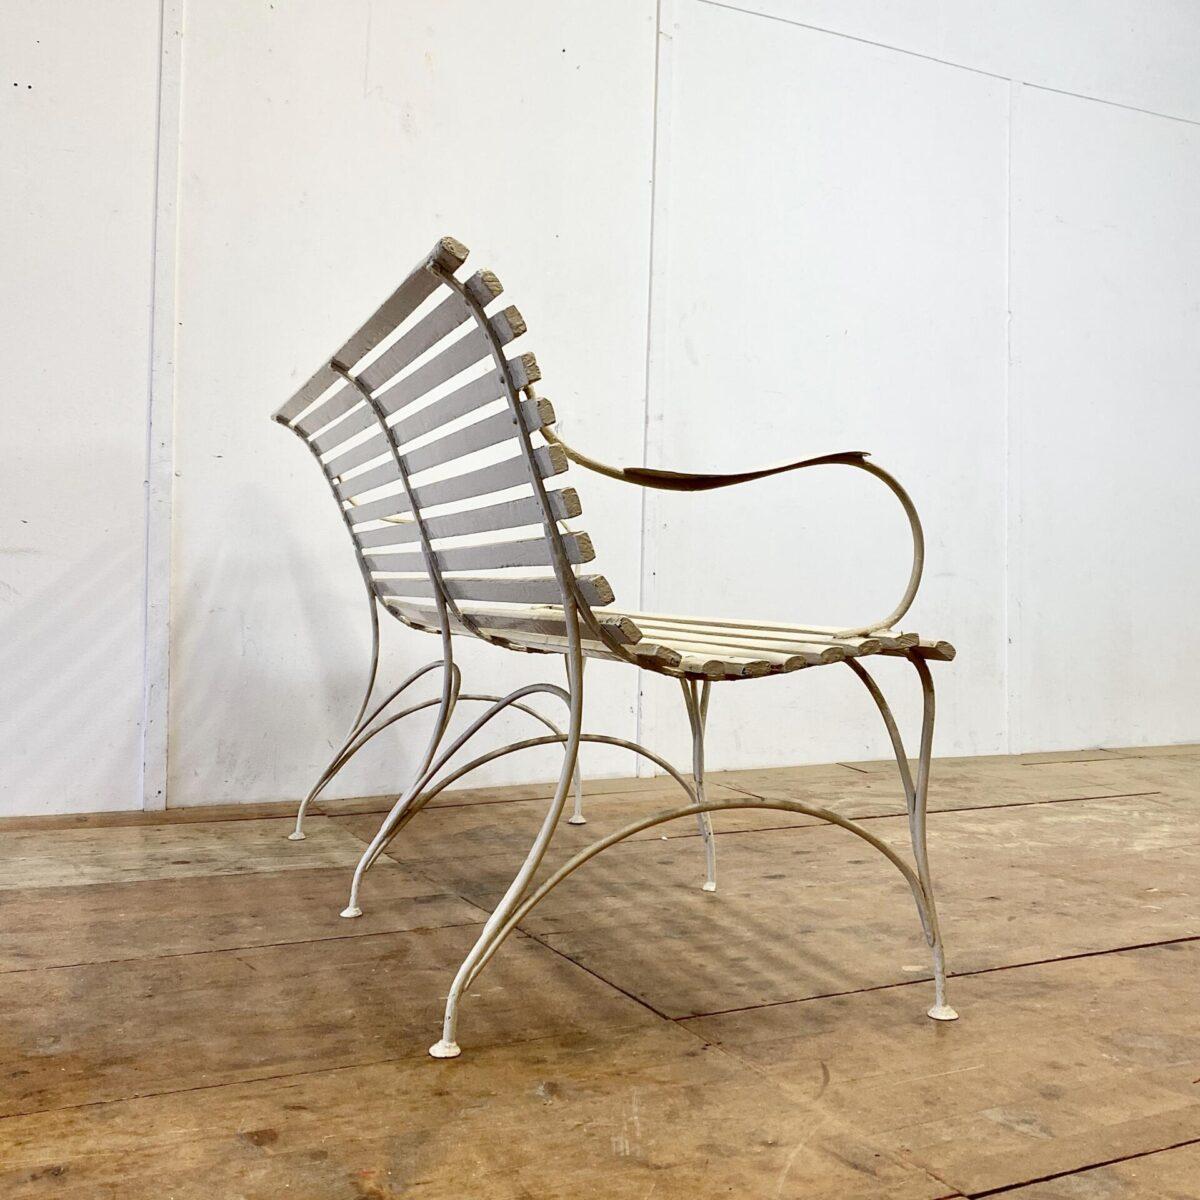 Deuxieme.shop vintage Sitzbank. Antiker Jugendstil Gartenbank mit Armlehnen. Creme Weiss. 144x68cm gesamt Höhe 86cm. Die Sitzbank ist in gutem stabilen Vintage Zustand. Der Gartentisch ist ebenfalls verfügbar.